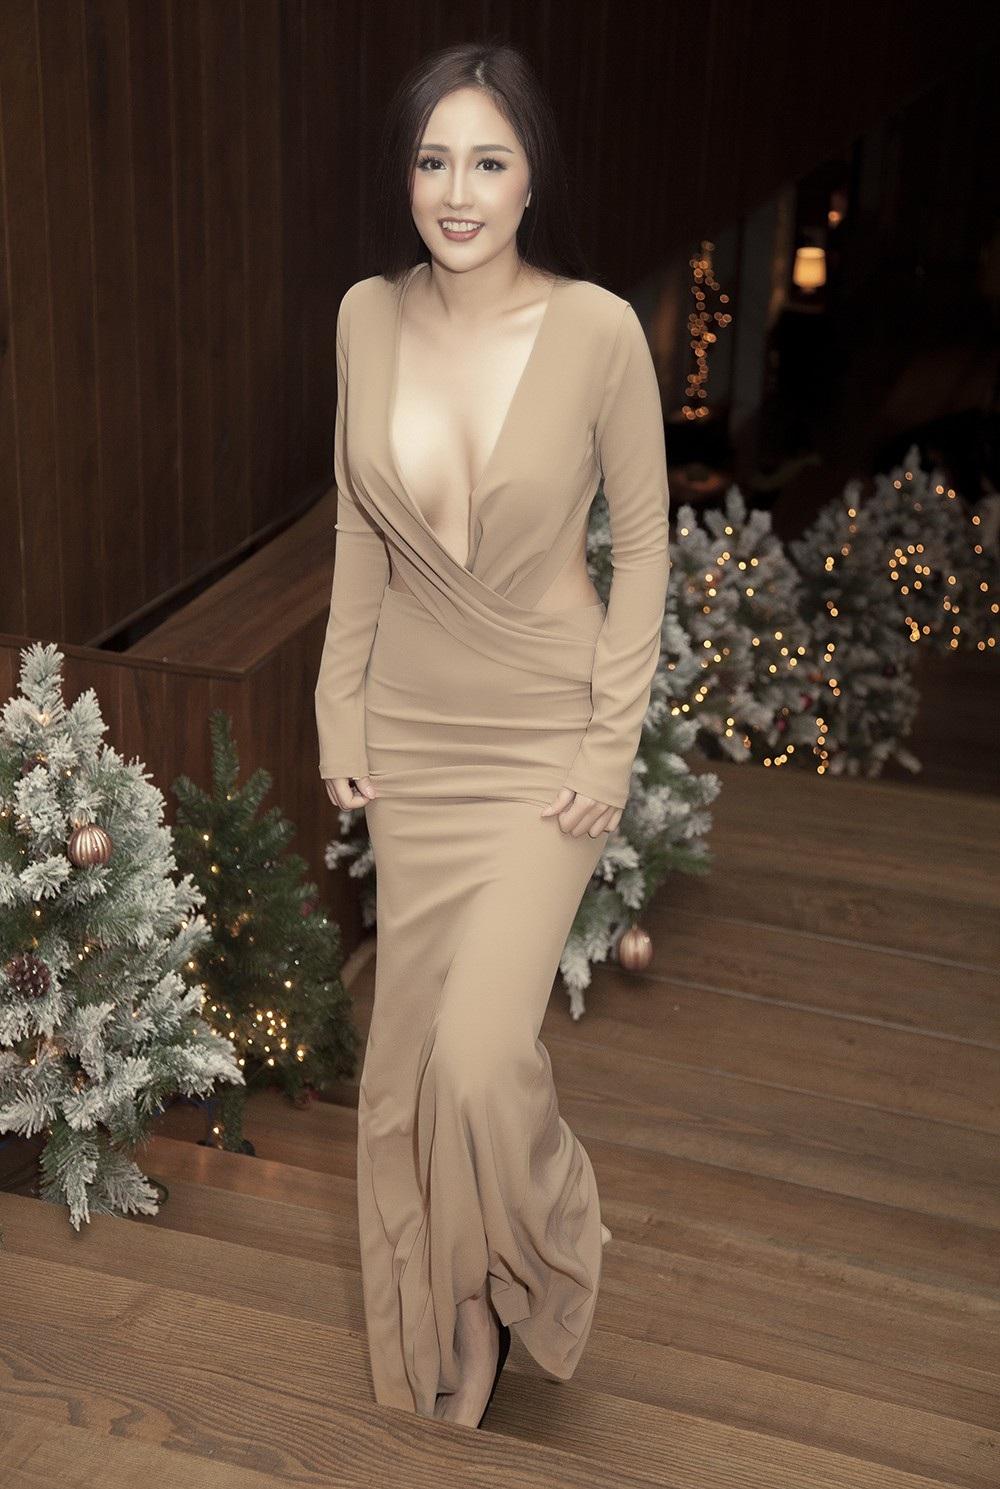 Hoa hậu Mai Phương Thúy thu hút với trang phục cực kỳ táo bạo - Ảnh 2.